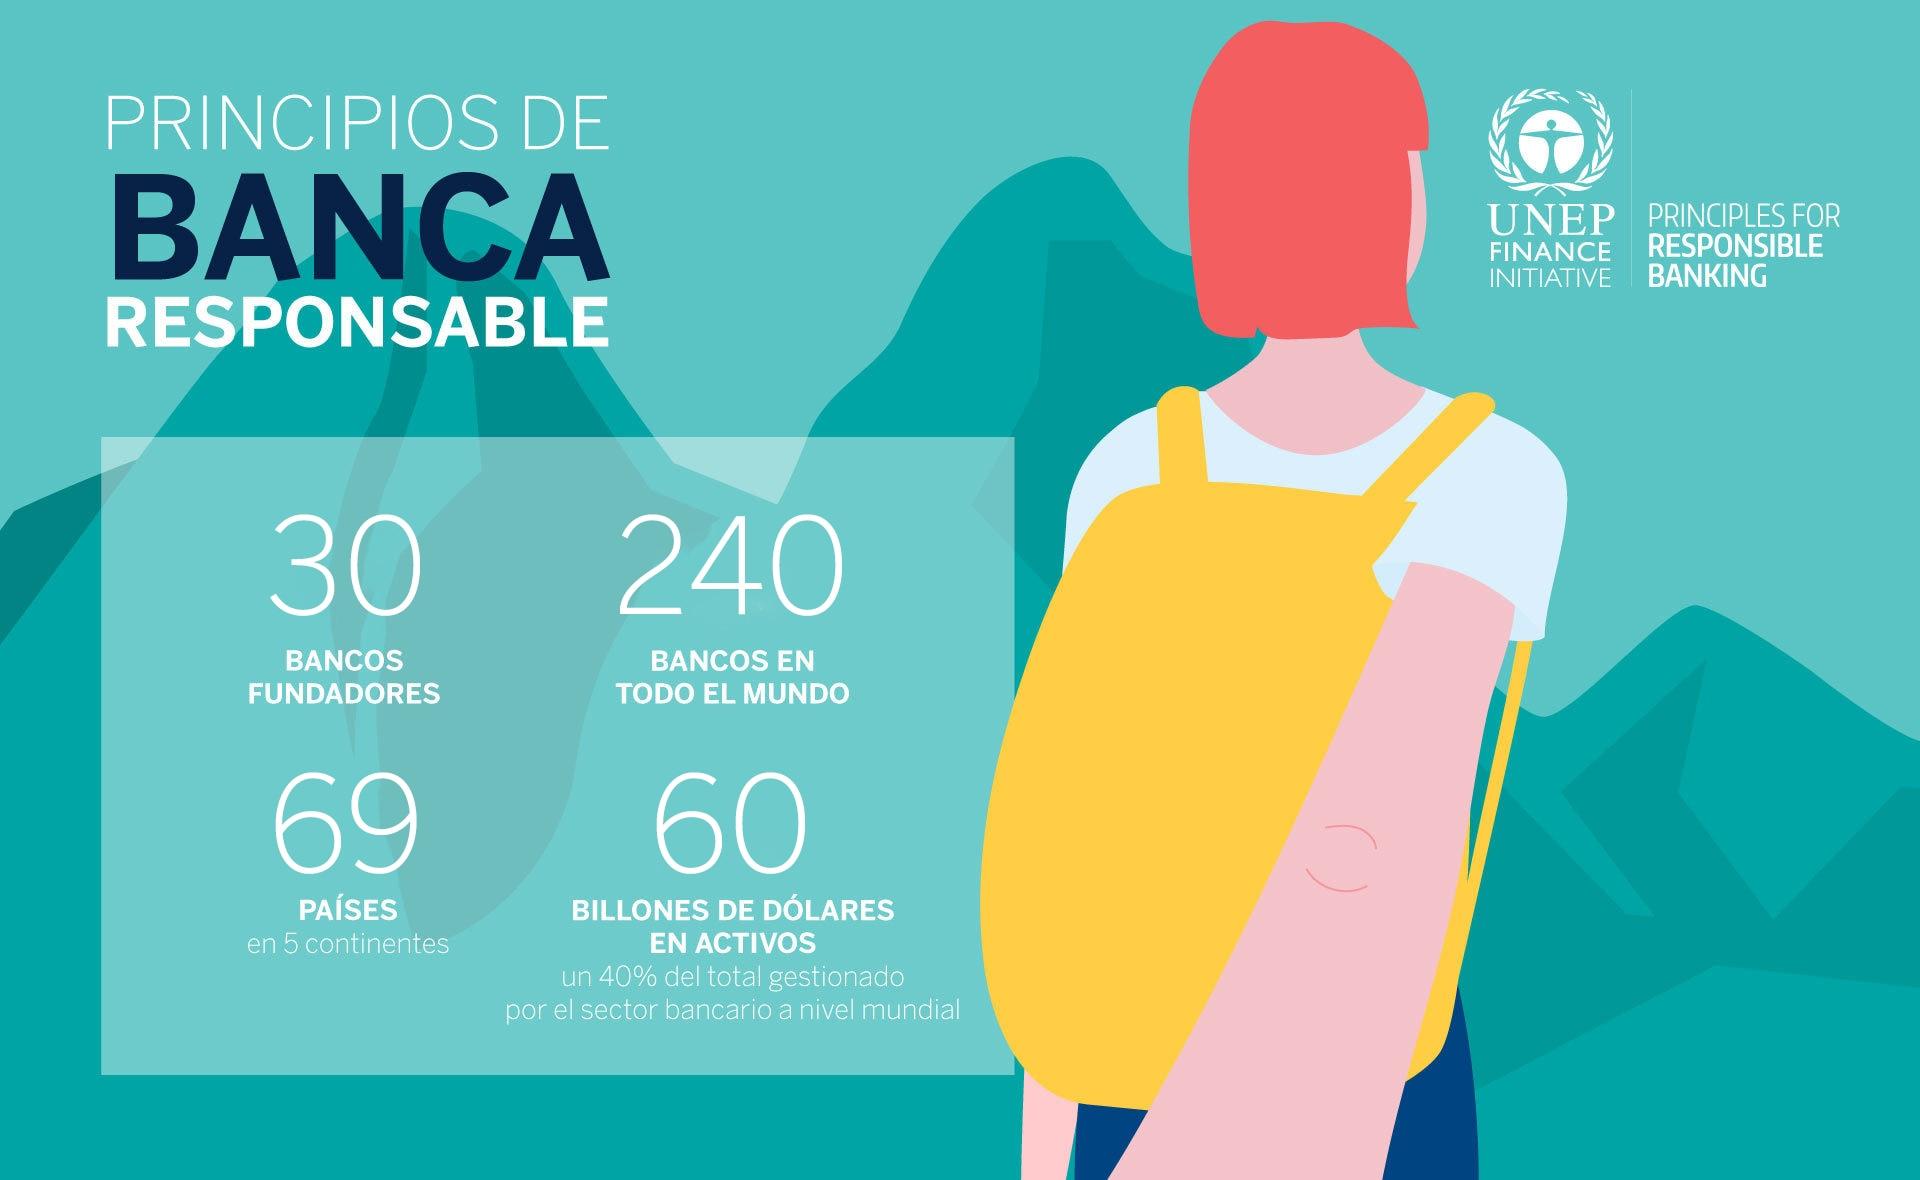 principios-banca-responsable-Infografía-UNEP